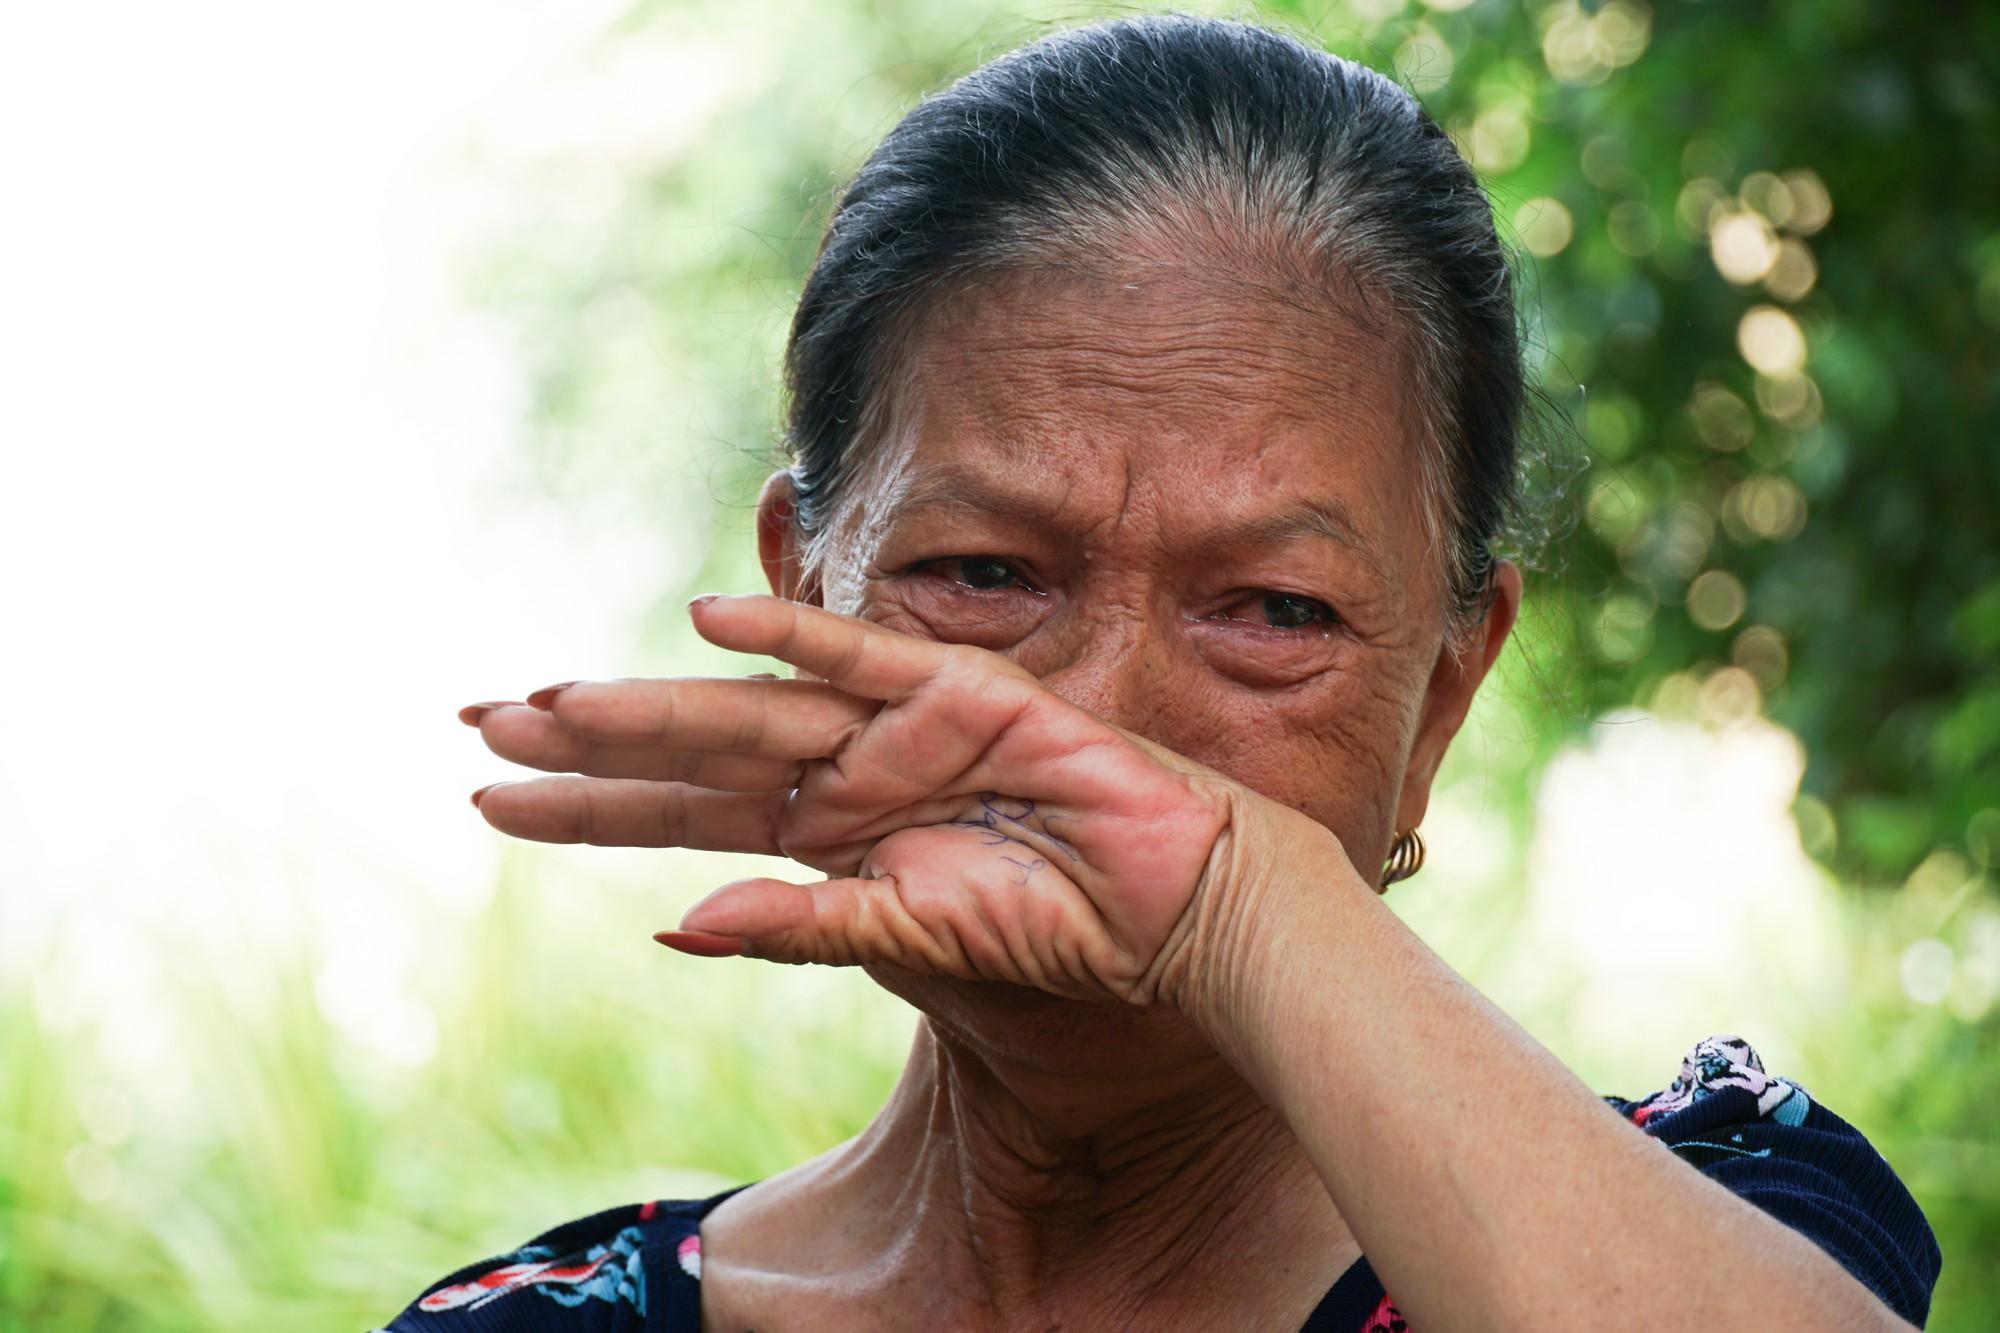 Chuyện tình đẹp như phim của bác bảo vệ già bị dàn cảnh trộm xe SH, bật khóc nức nở giữa Sài Gòn - Ảnh 3.